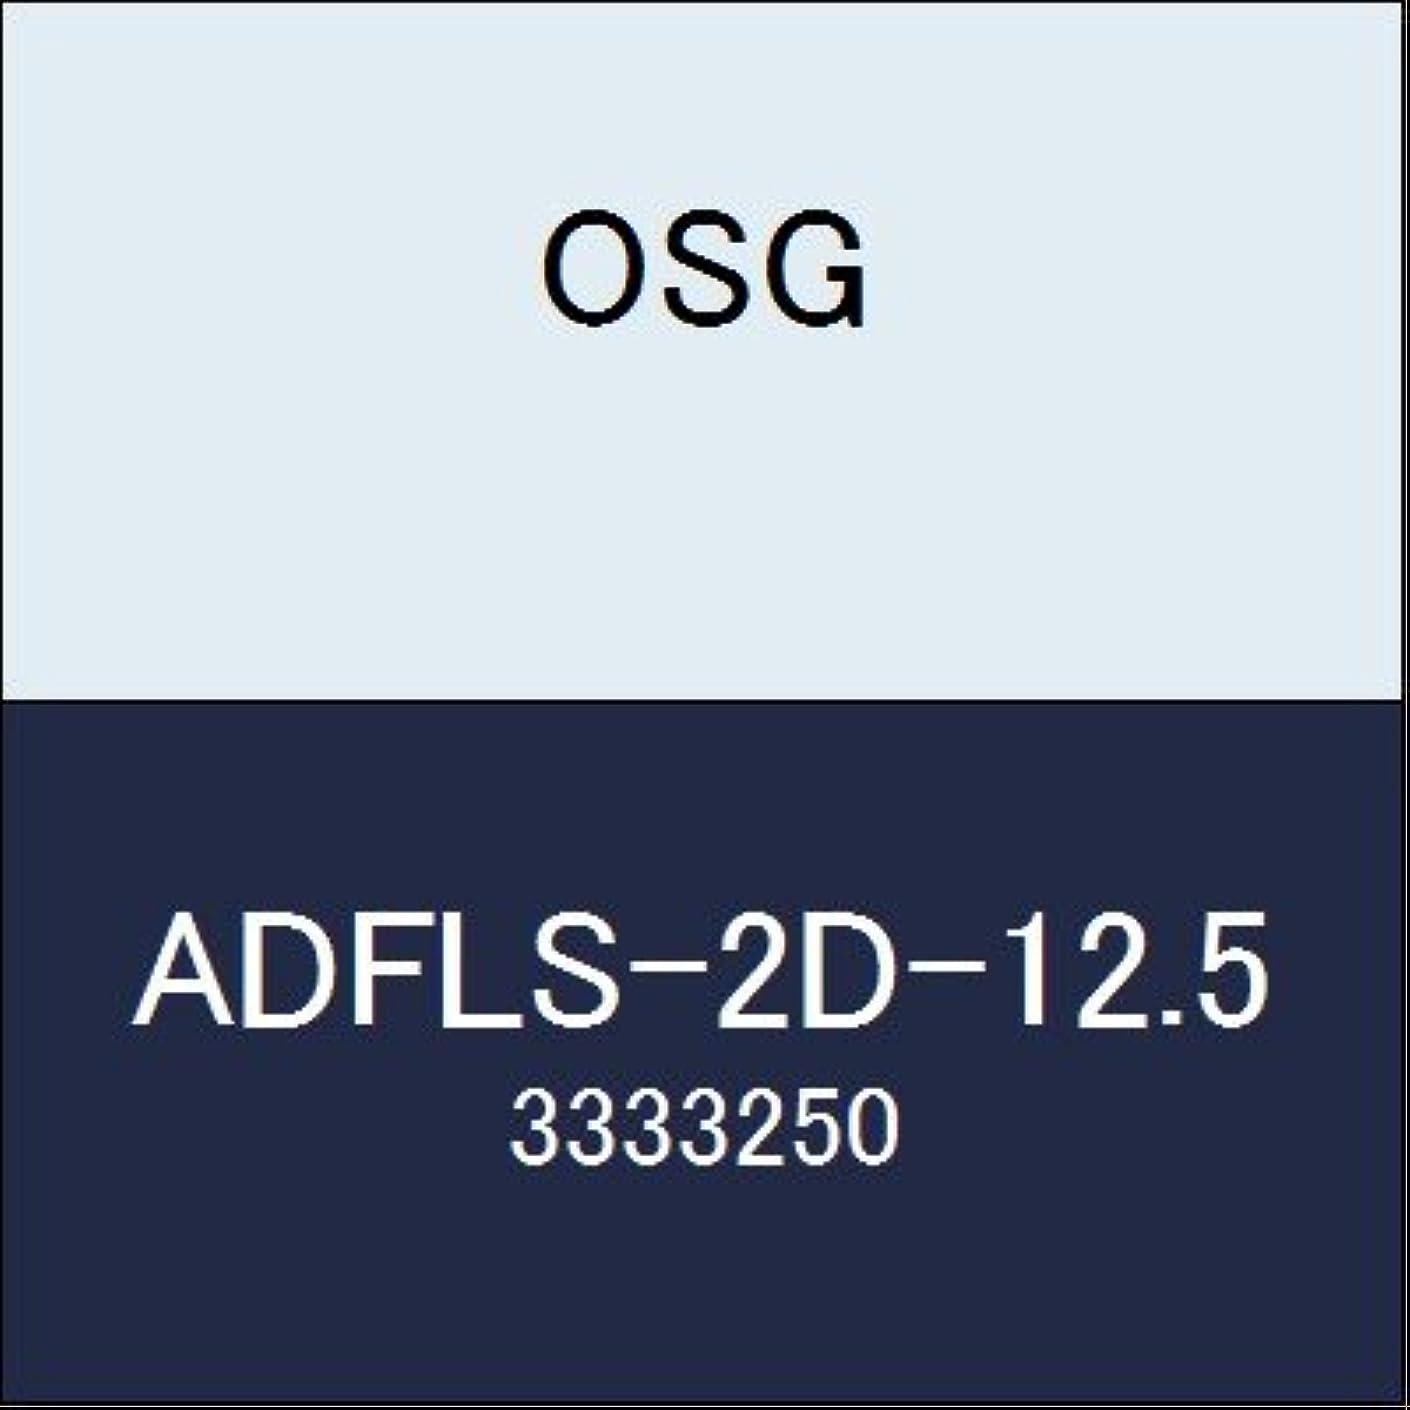 障害毎日気味の悪いOSG フラットドリル ADFLS-2D-12.5 商品番号 3333250